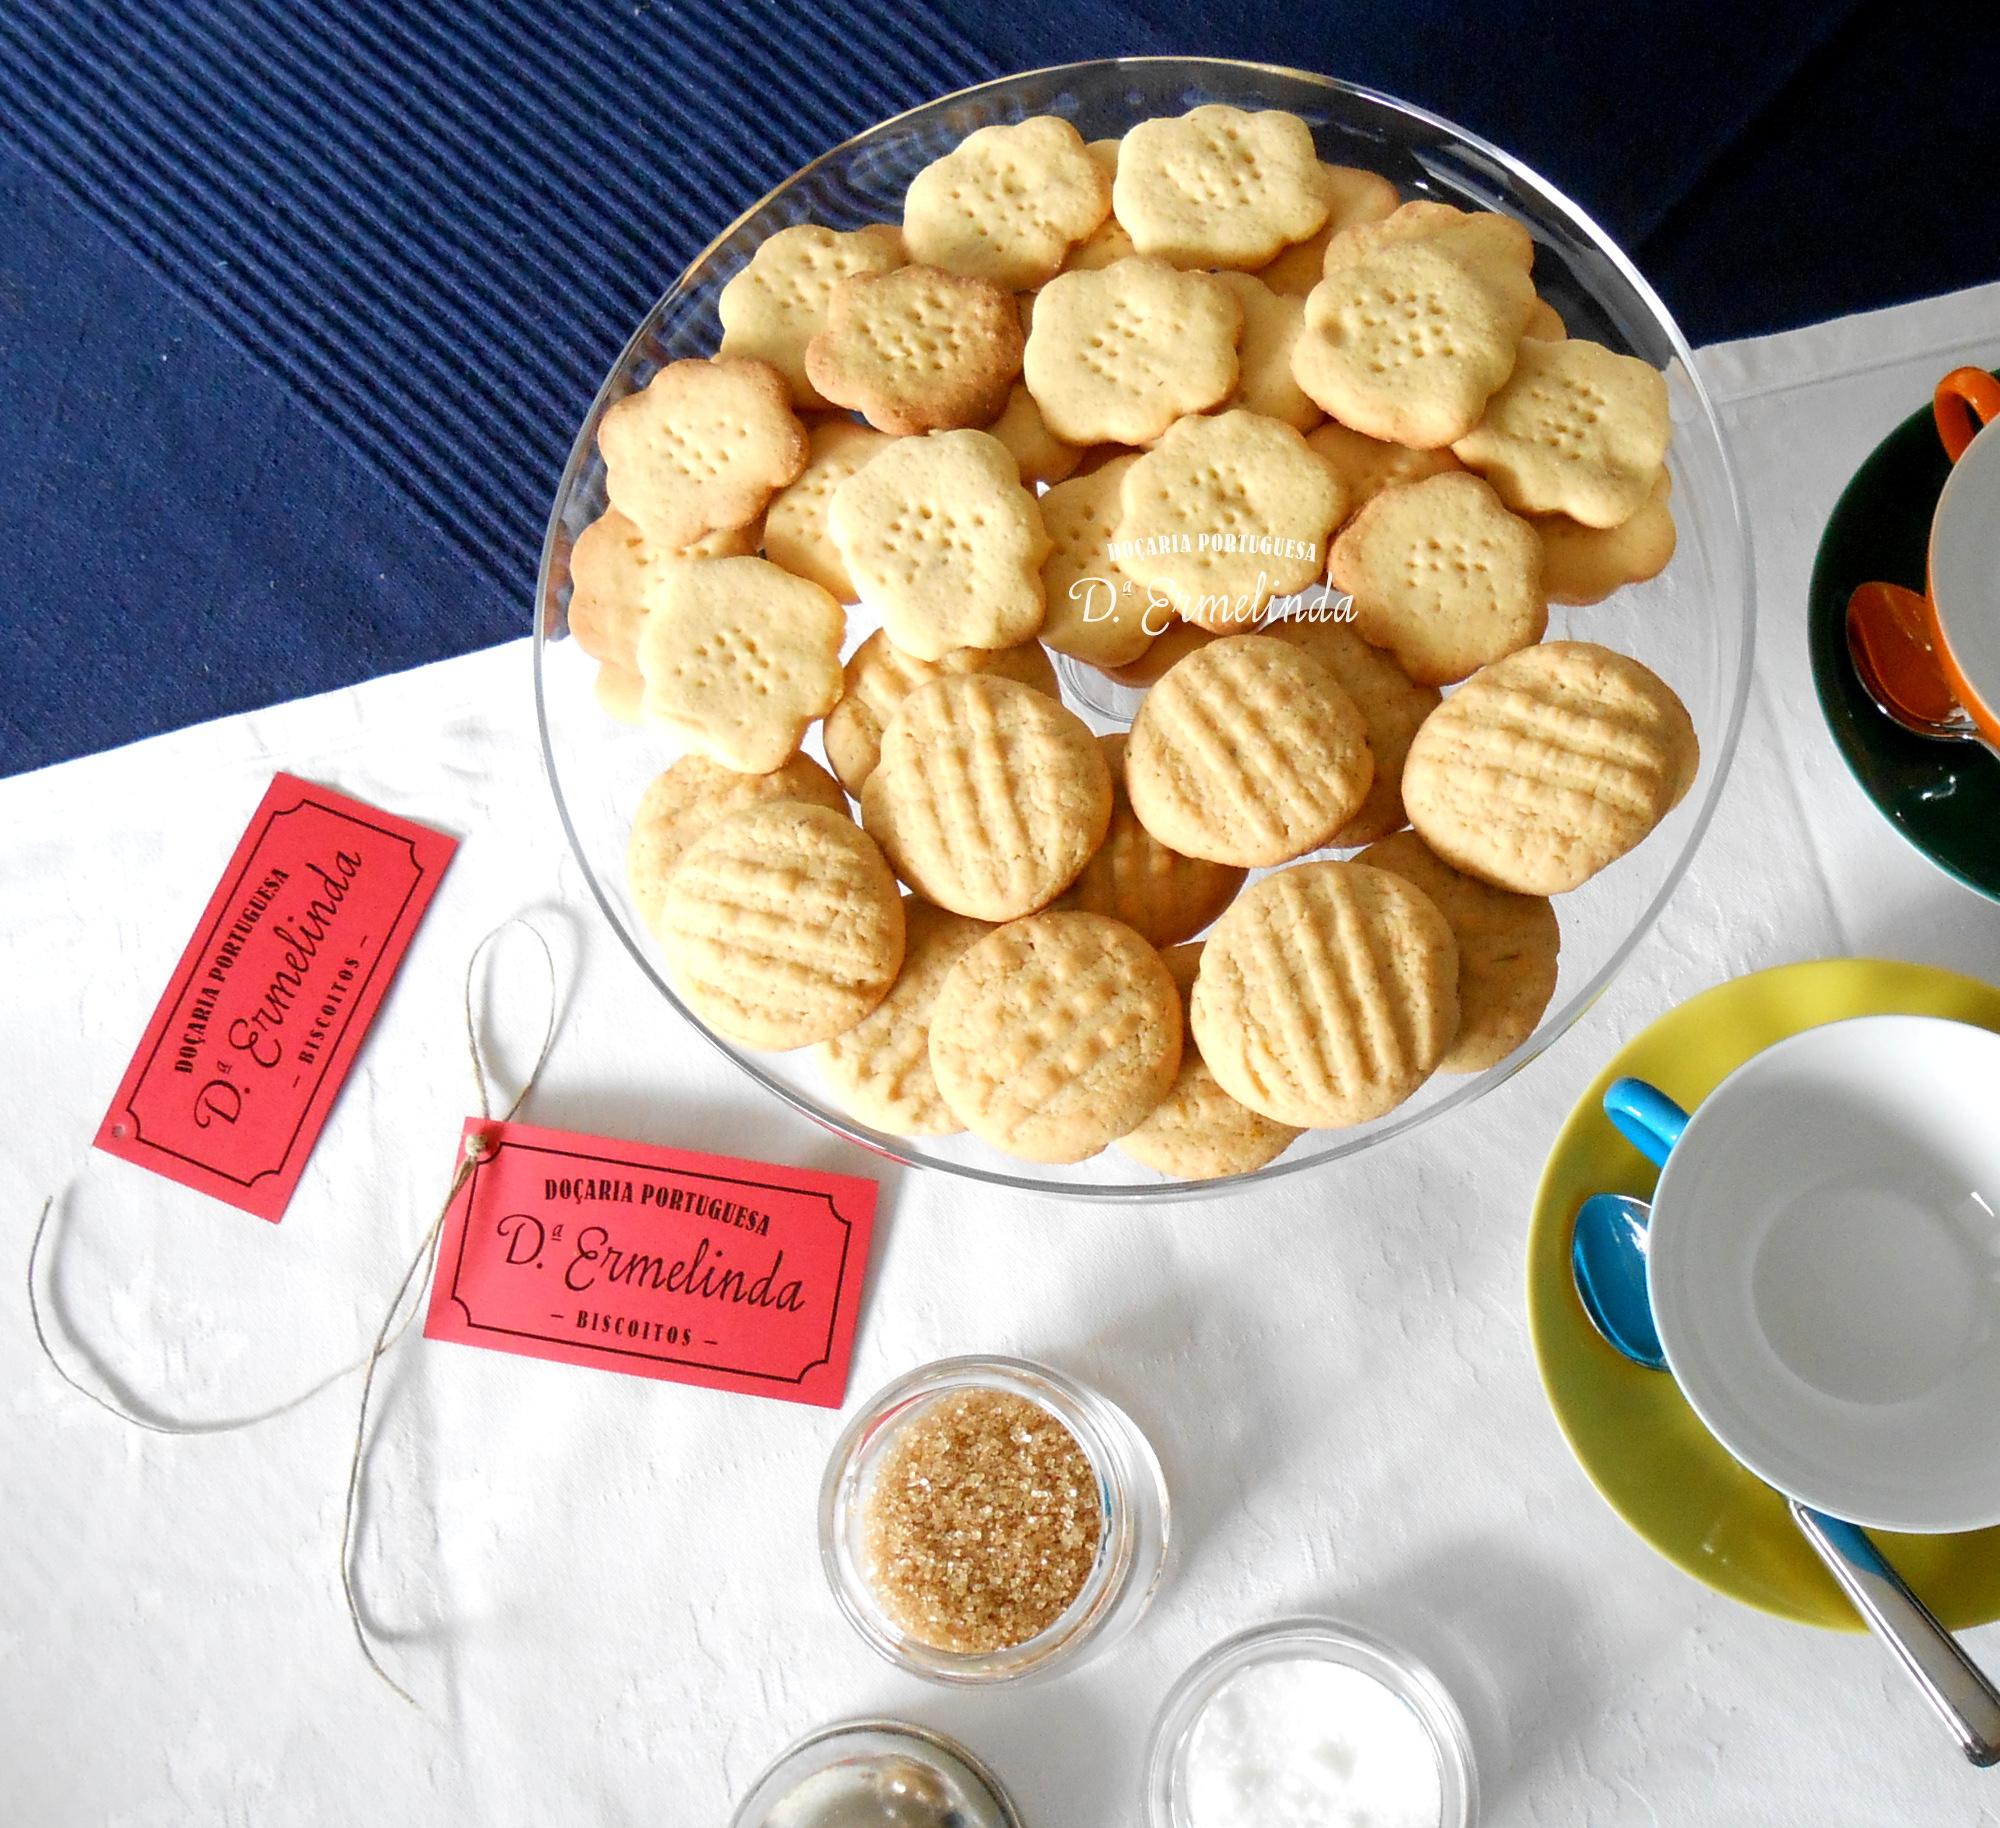 Taça de biscoitos